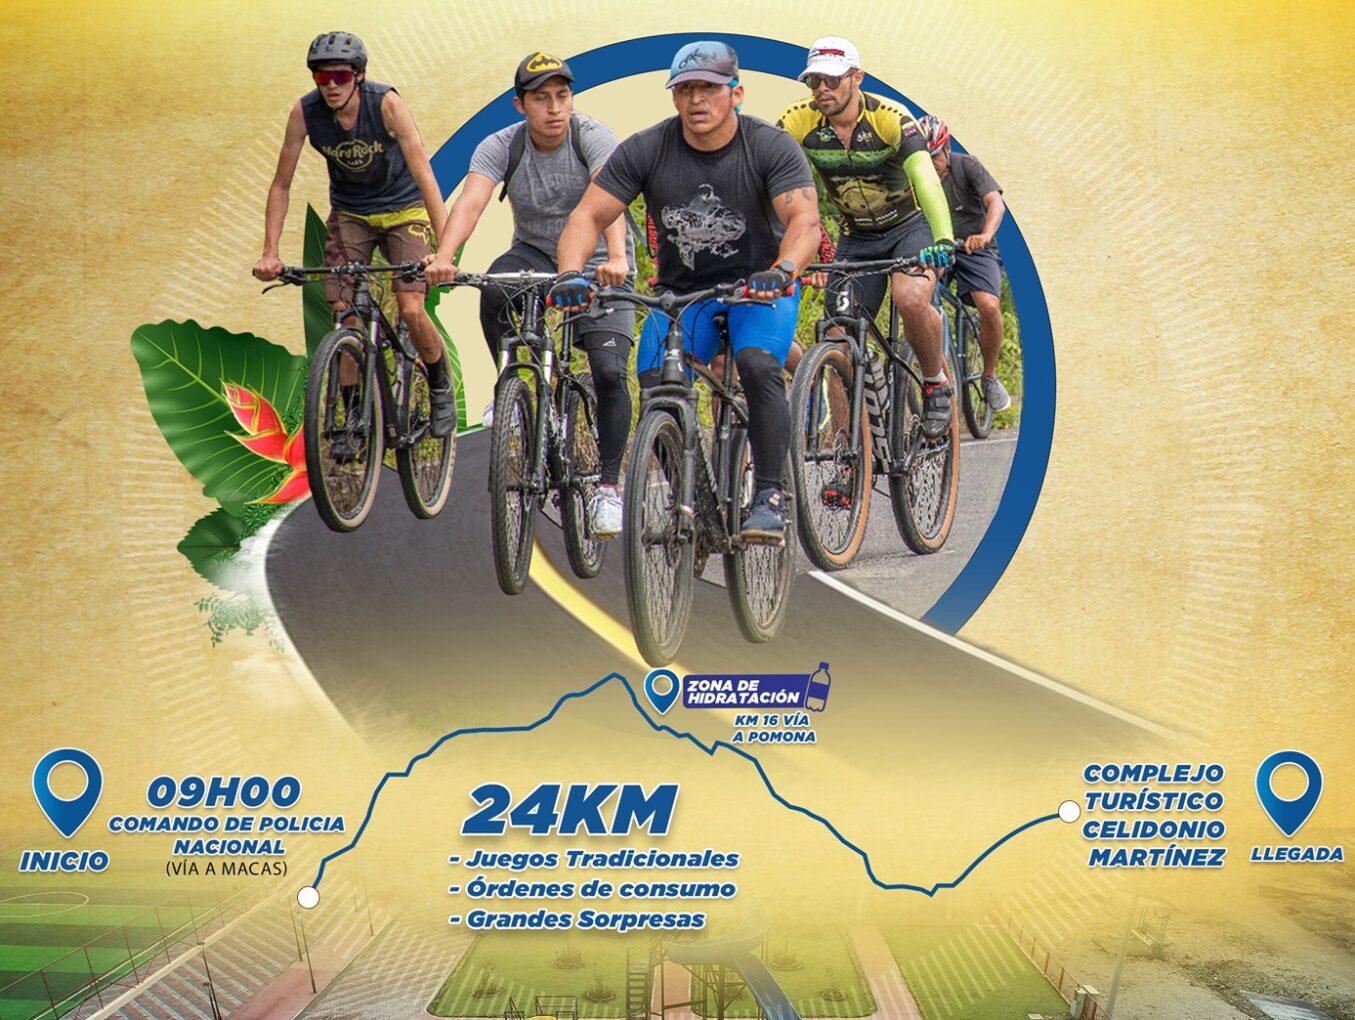 """Ciclo ruta """"Recorre Pastaza"""", llegará al Complejo Turístico """"Celidonio Martínez"""""""